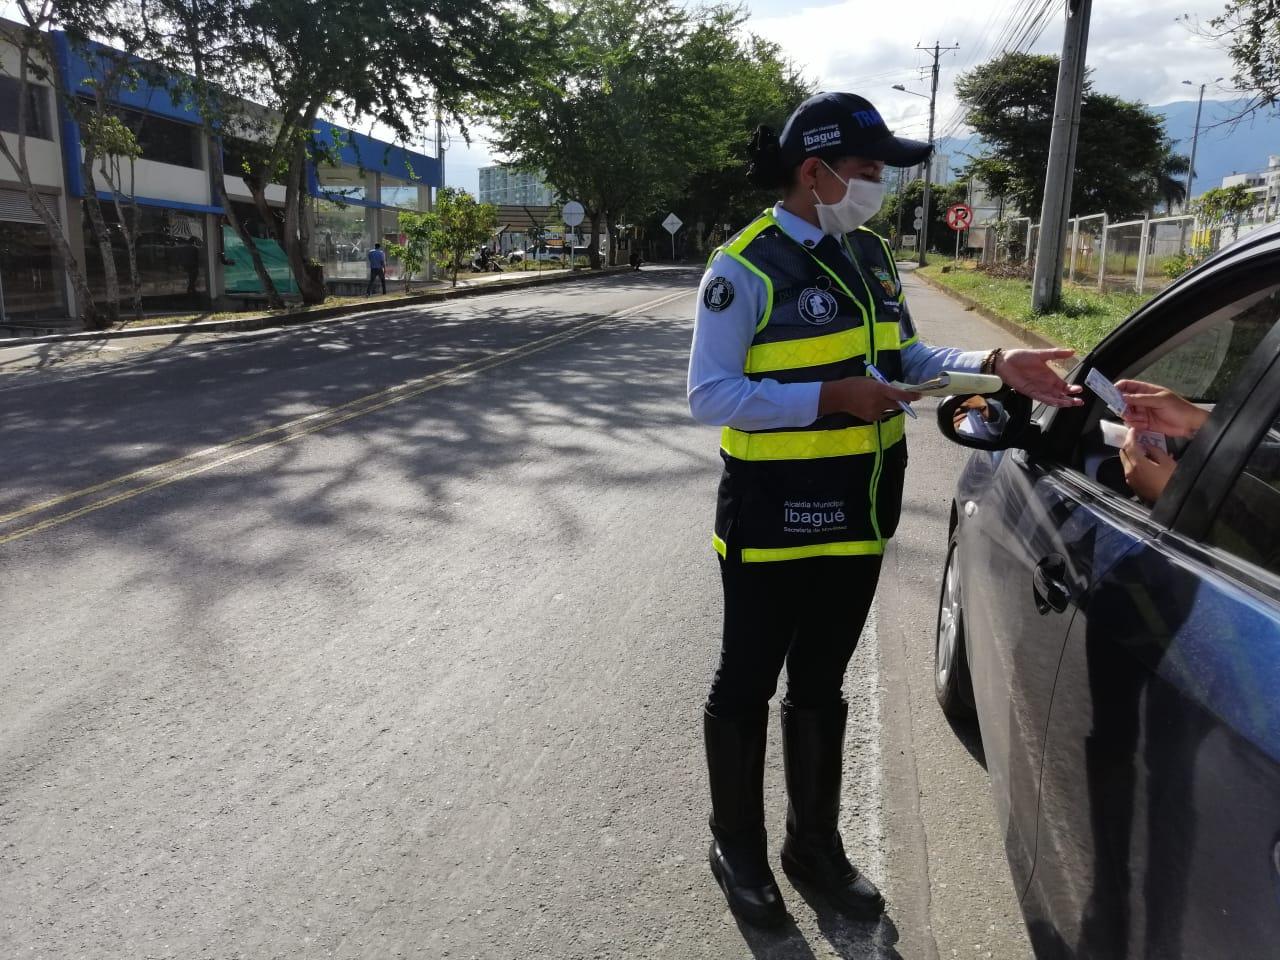 Secretaría de Movilidad canceló 11 licencias de conducción por transporte ilegal